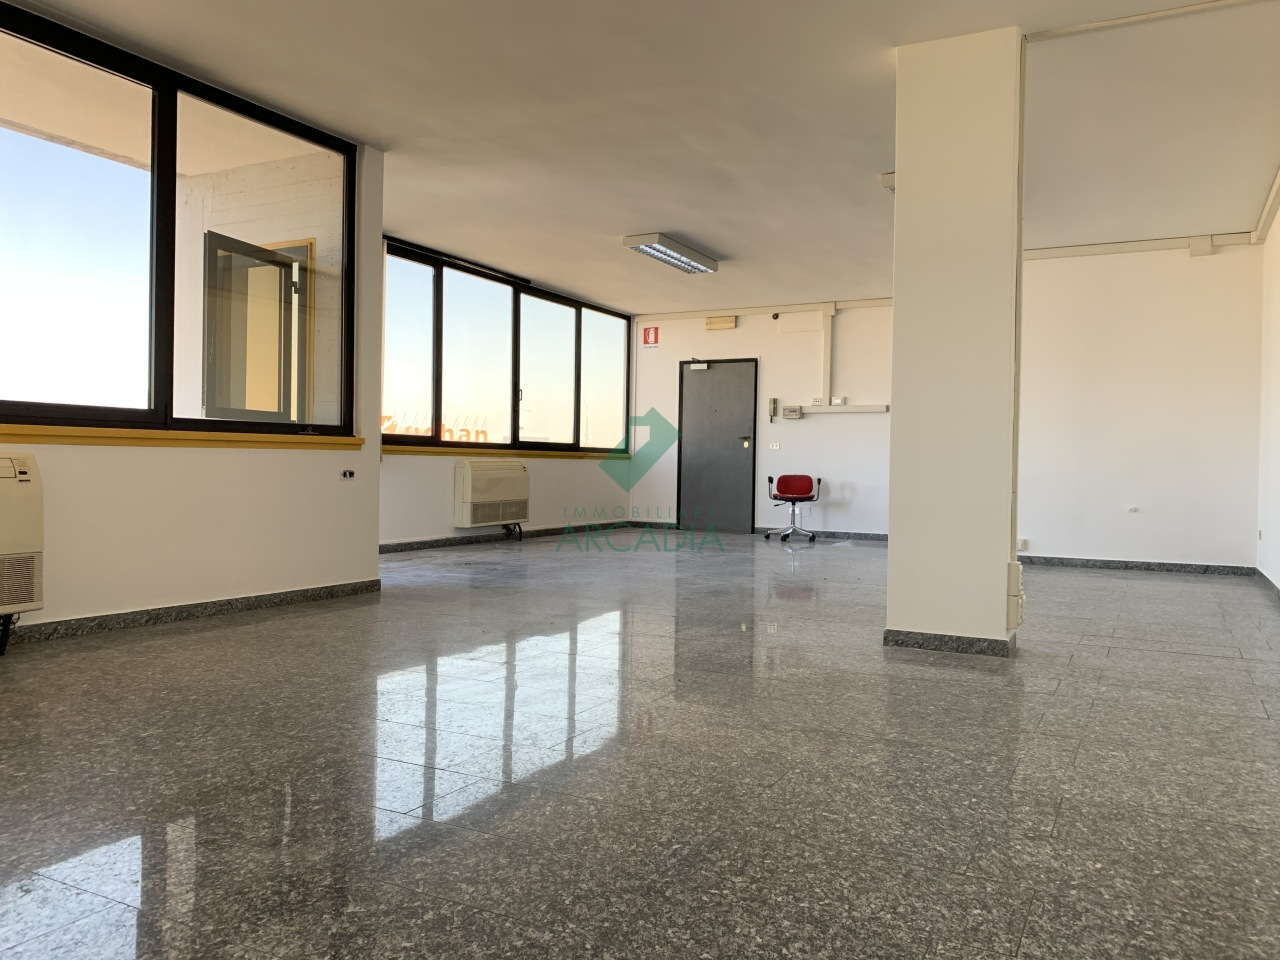 Ufficio / Studio in affitto a Modugno, 1 locali, prezzo € 400   CambioCasa.it